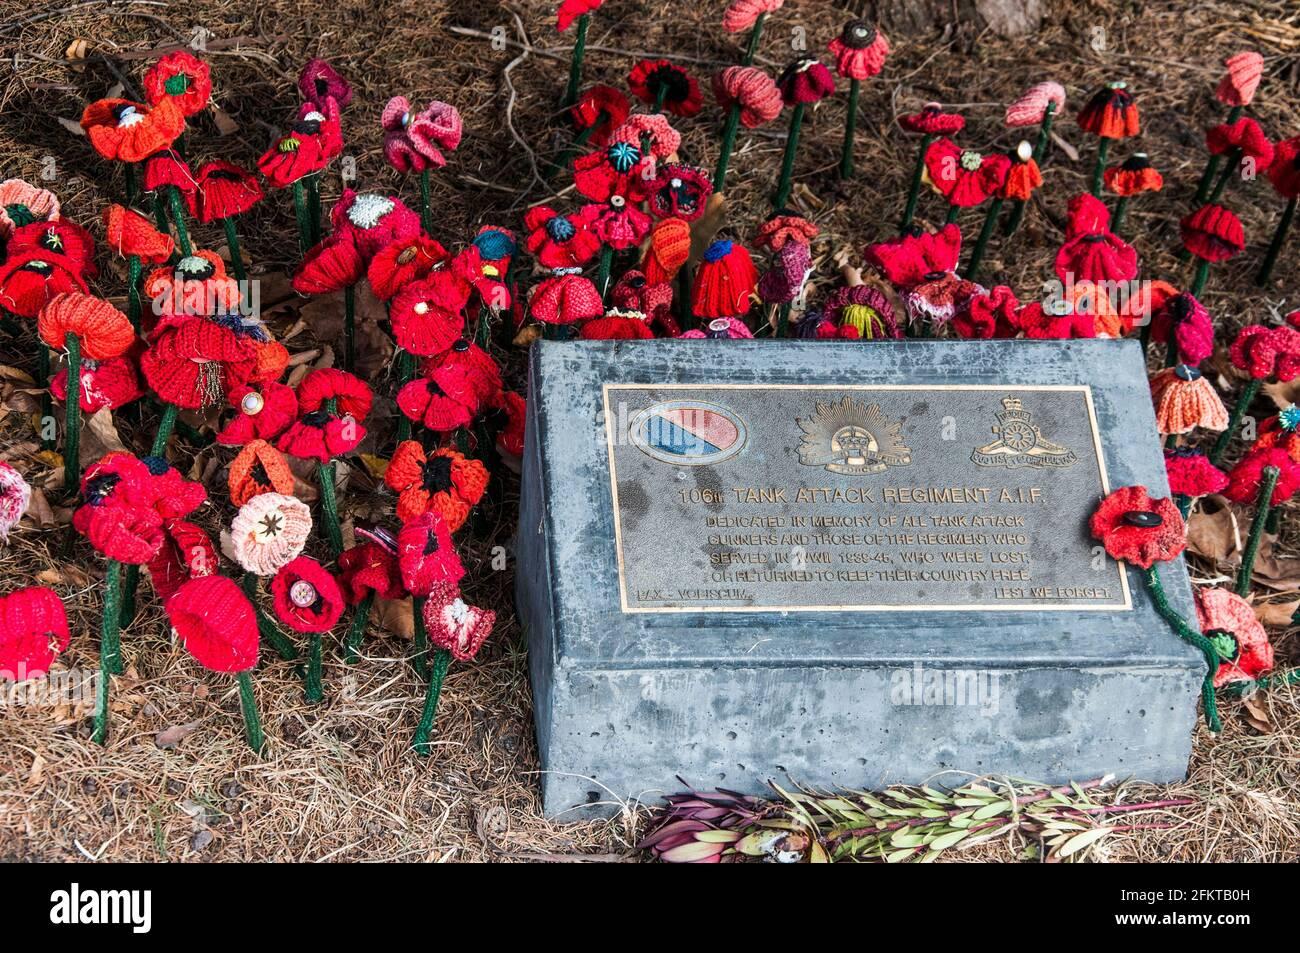 Plaque du mémorial de guerre placée sur le domaine de Kings pour honorer le 106e Tank Attack Regiment A.I.F., avec des coquelicots tricotés, Melbourne, Australie Banque D'Images